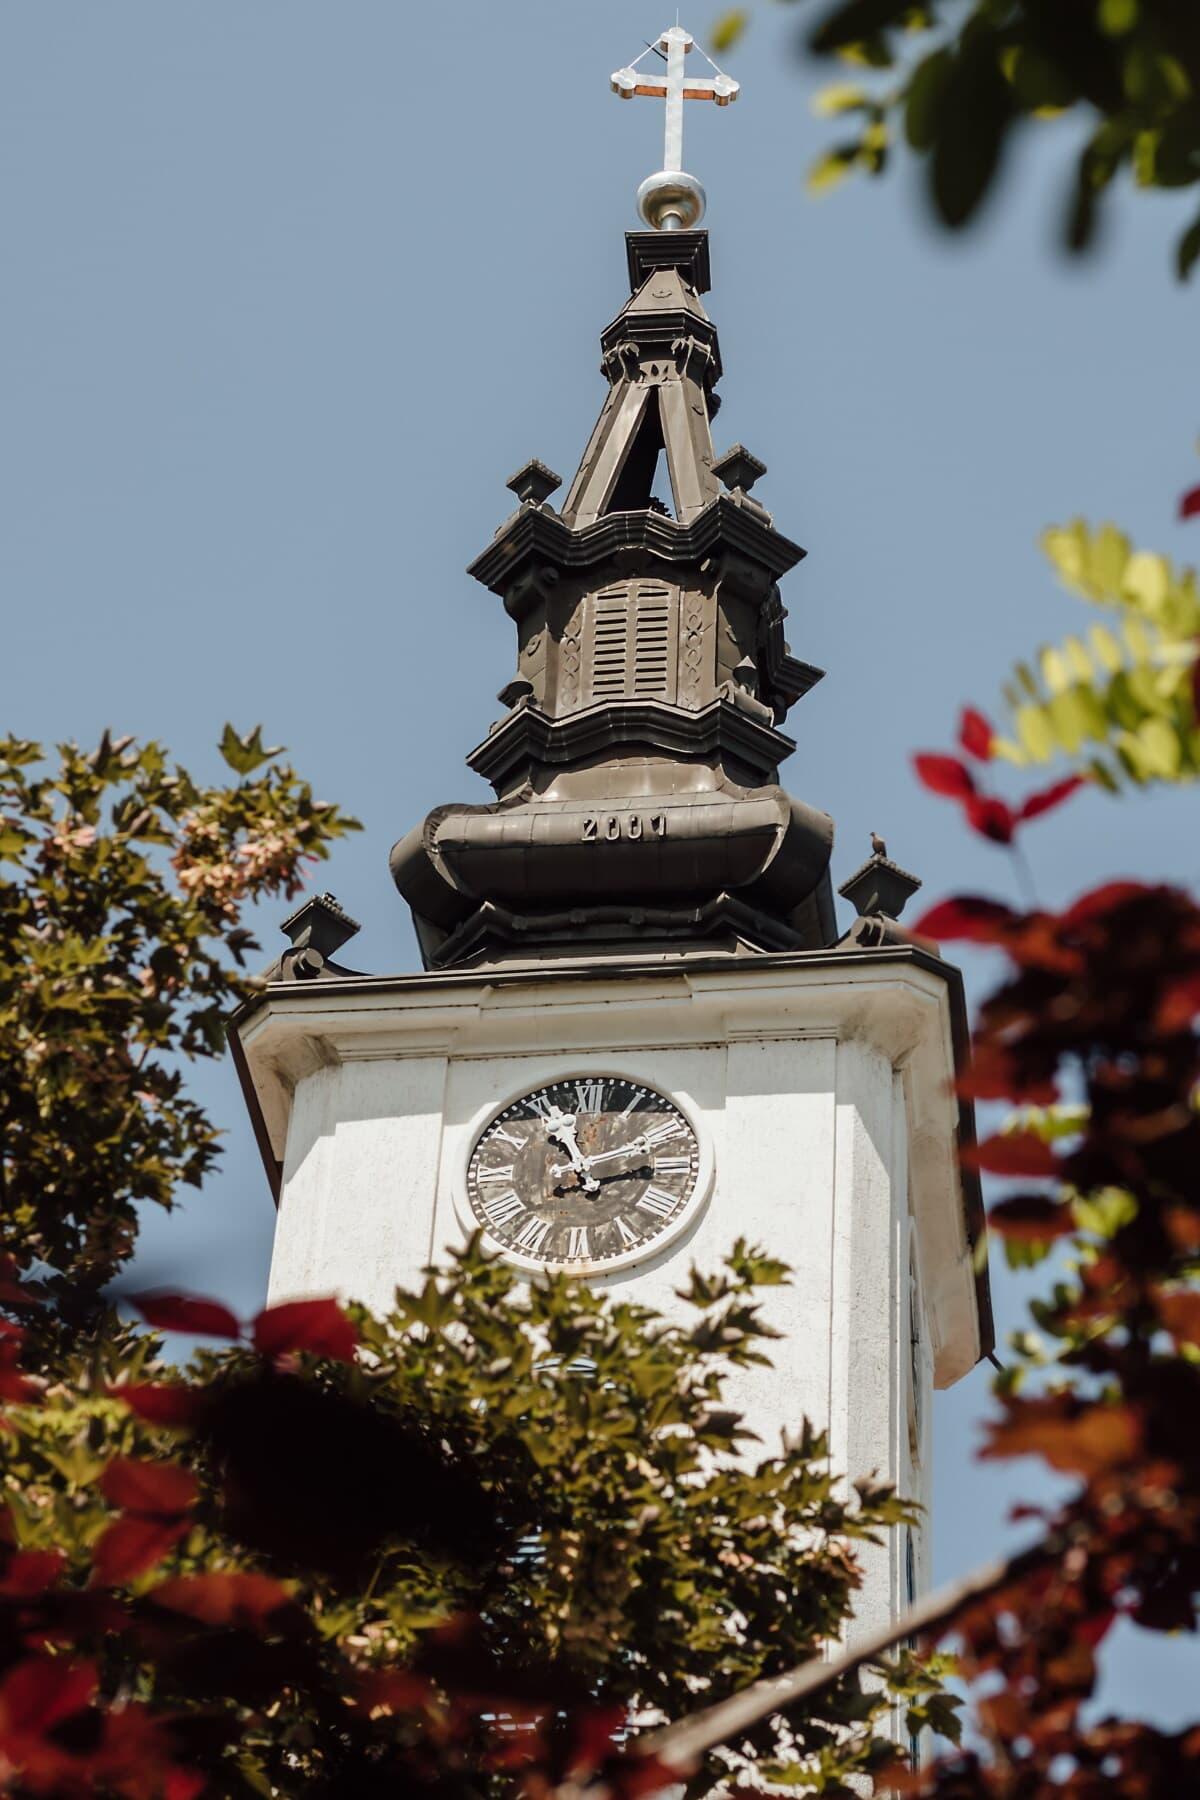 steeple, Silver, Croix, style architectural, baroque, tour, église, bâtiment, religion, architecture